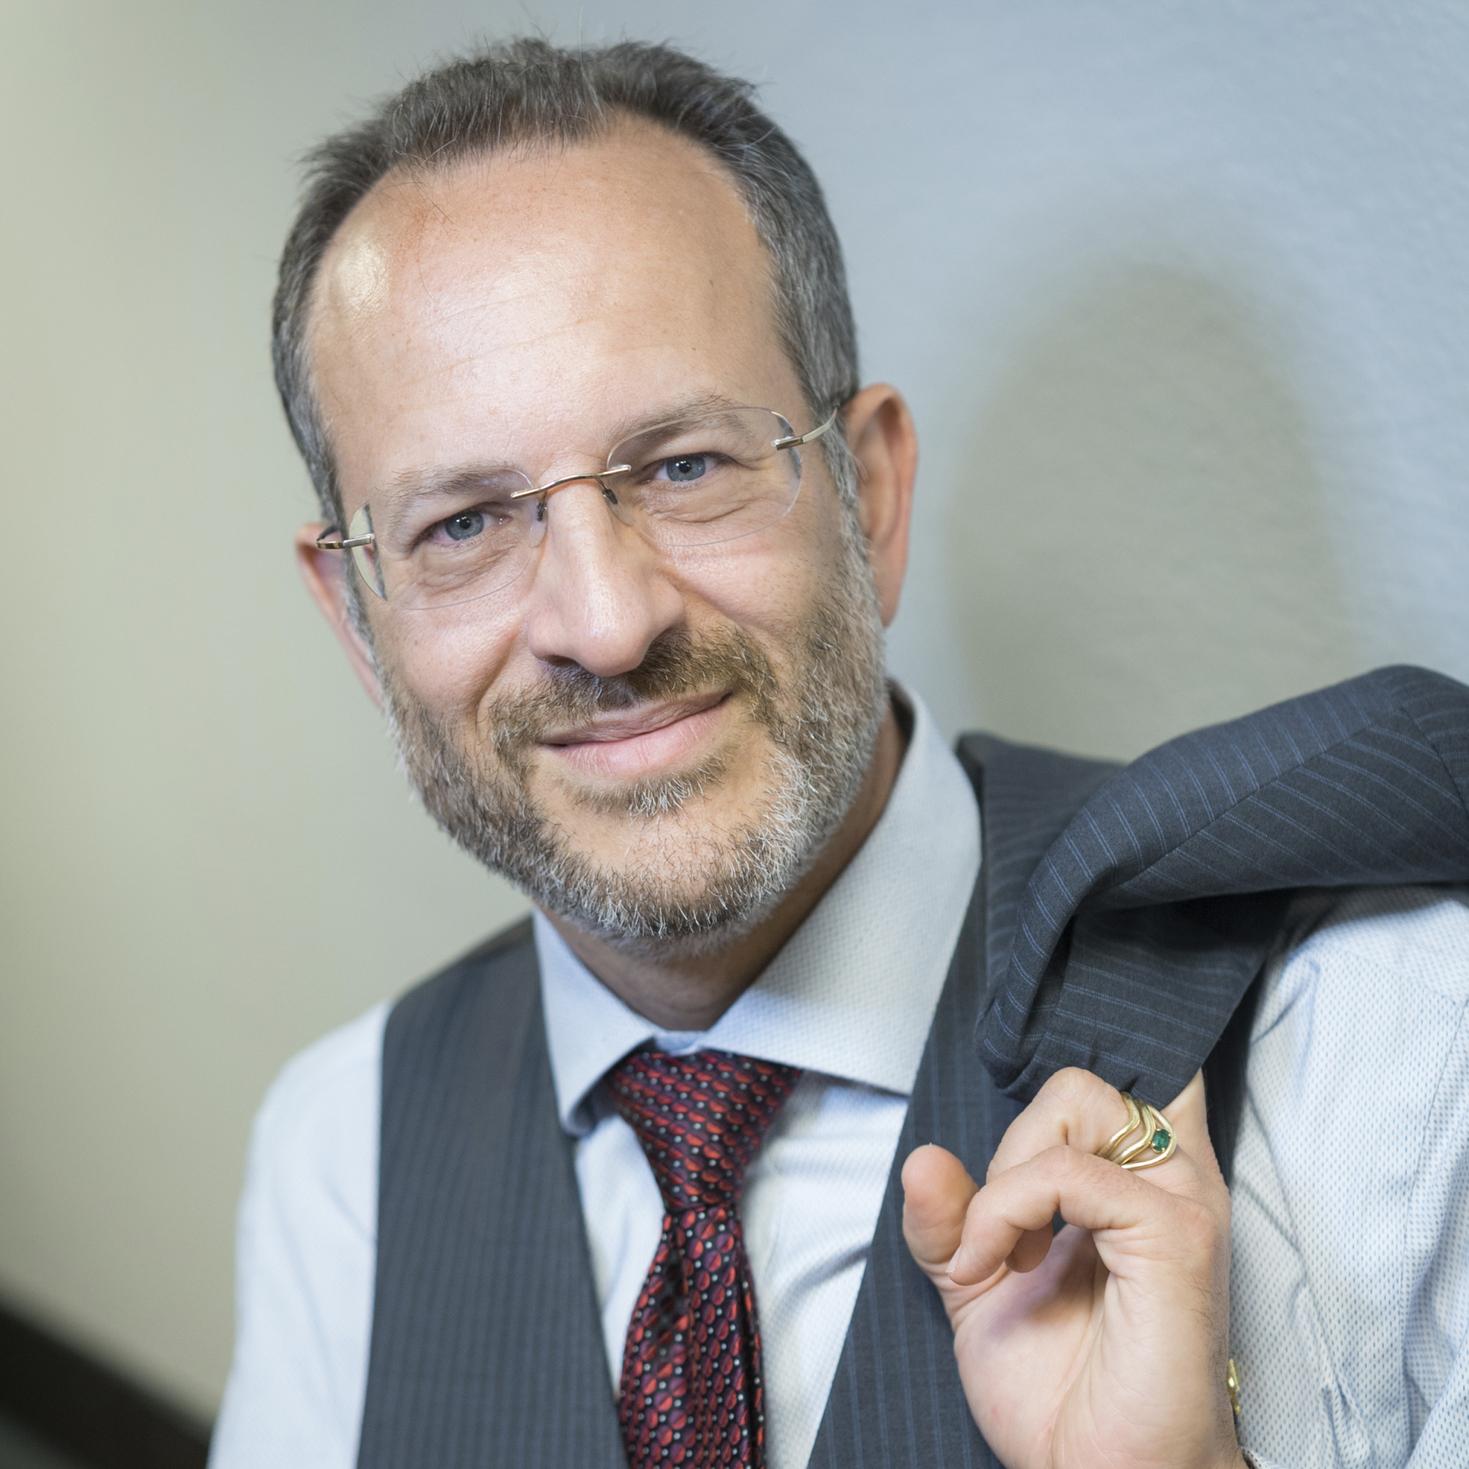 Michael Pastreich